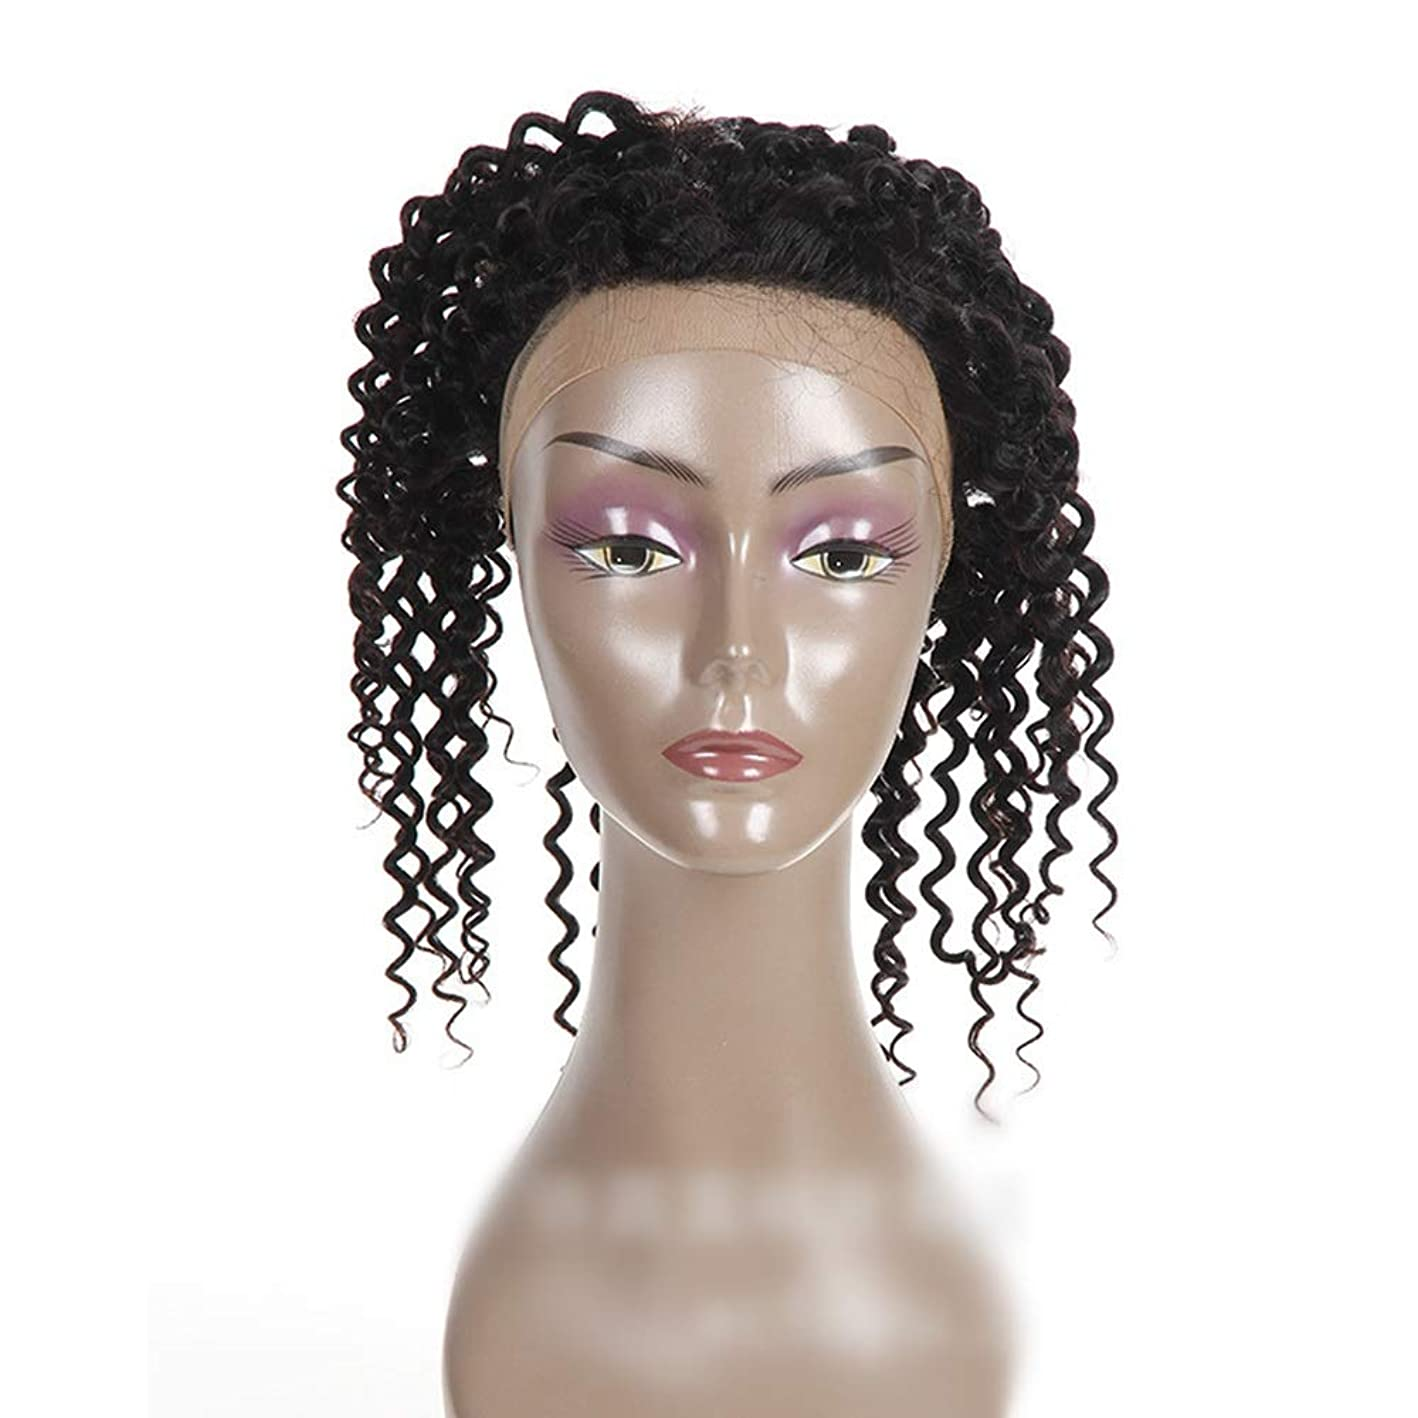 宝ポジティブ敵対的Mayalina ナチュラルカラー360レース前頭閉鎖ブラジル人間の髪の毛深い波カーリーフリーパートヘアエクステンションショートカーリーウィッグ (色 : 黒, サイズ : 16 inch)